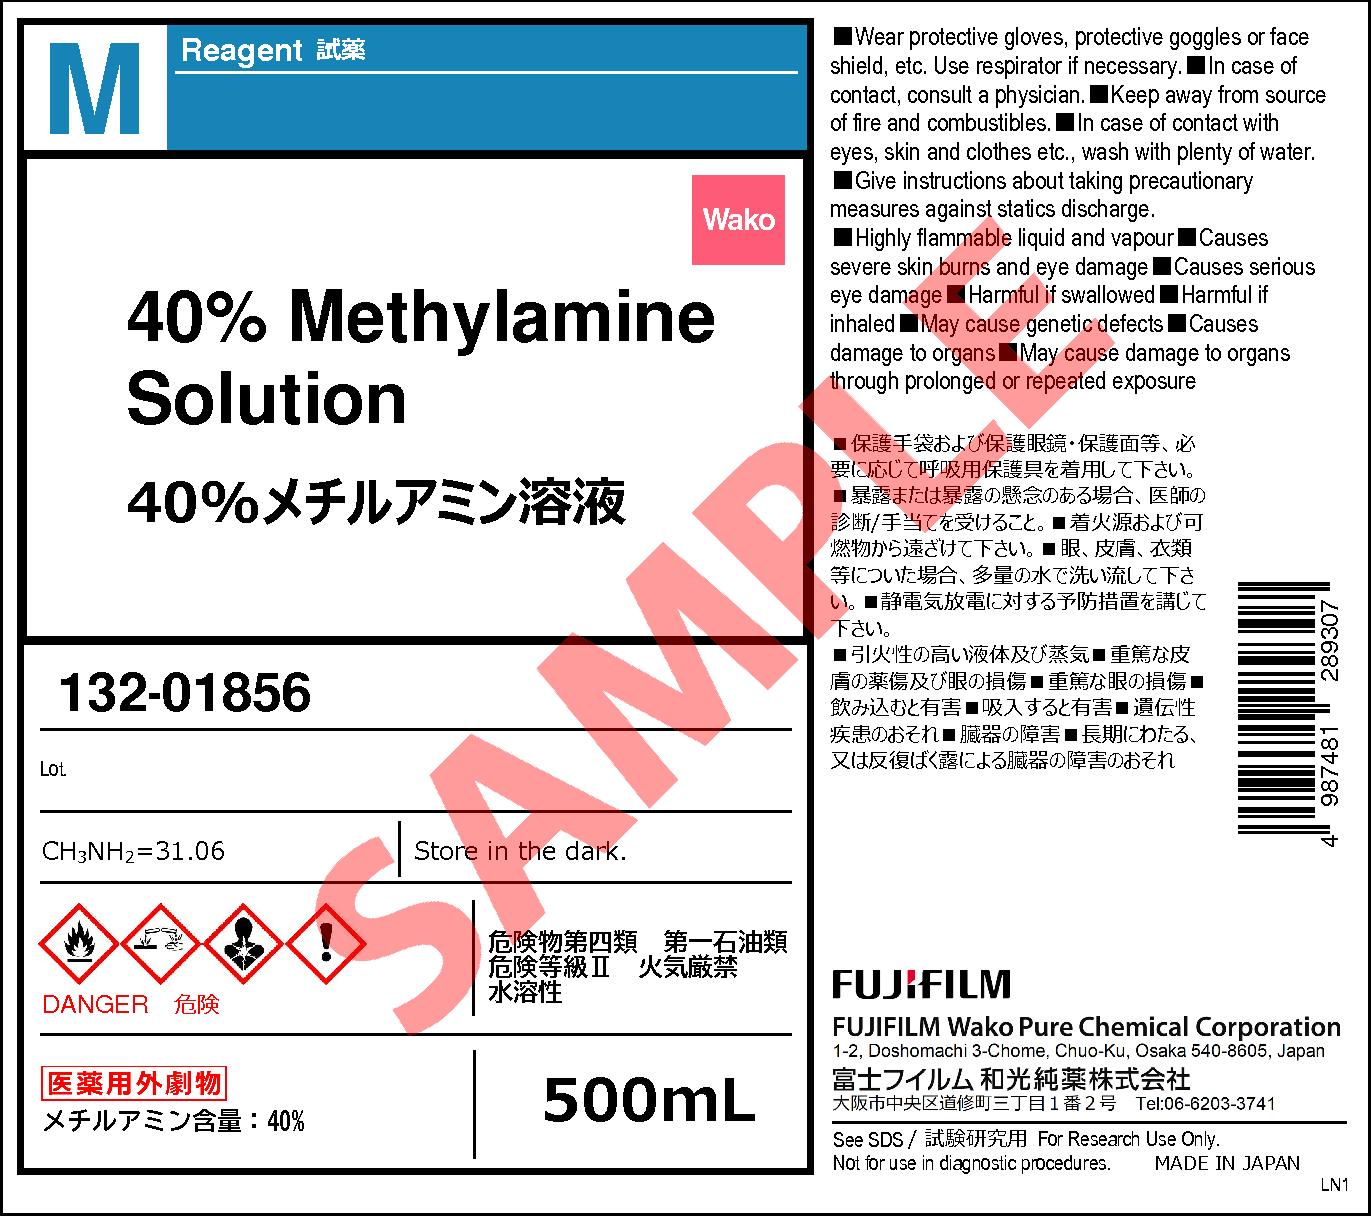 74-89-5・40%メチルアミン溶液・40% Methylamine Solution・132